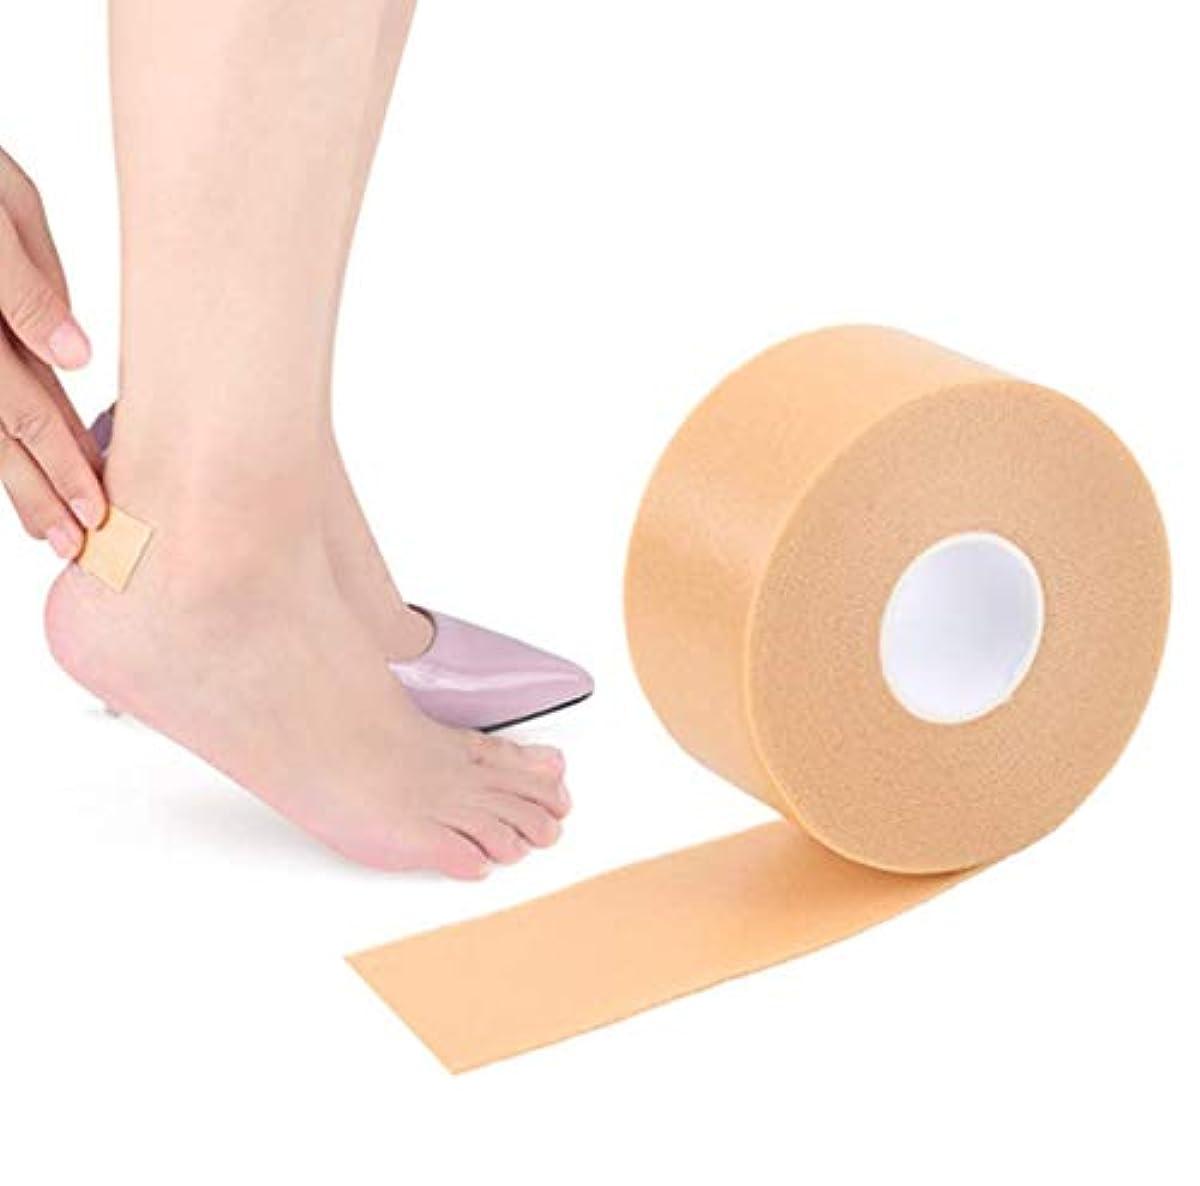 足用保護パッド 足痛み軽減 靴ずれ予防テープ 靴擦れ防止 靴ズレ防止 かかと パッド フットヒールステッカーテープ 防水素材 耐摩耗 痛み緩和 滑り止め 粘着 かかとパッド テープ 通気 男女兼用 (1個入り)